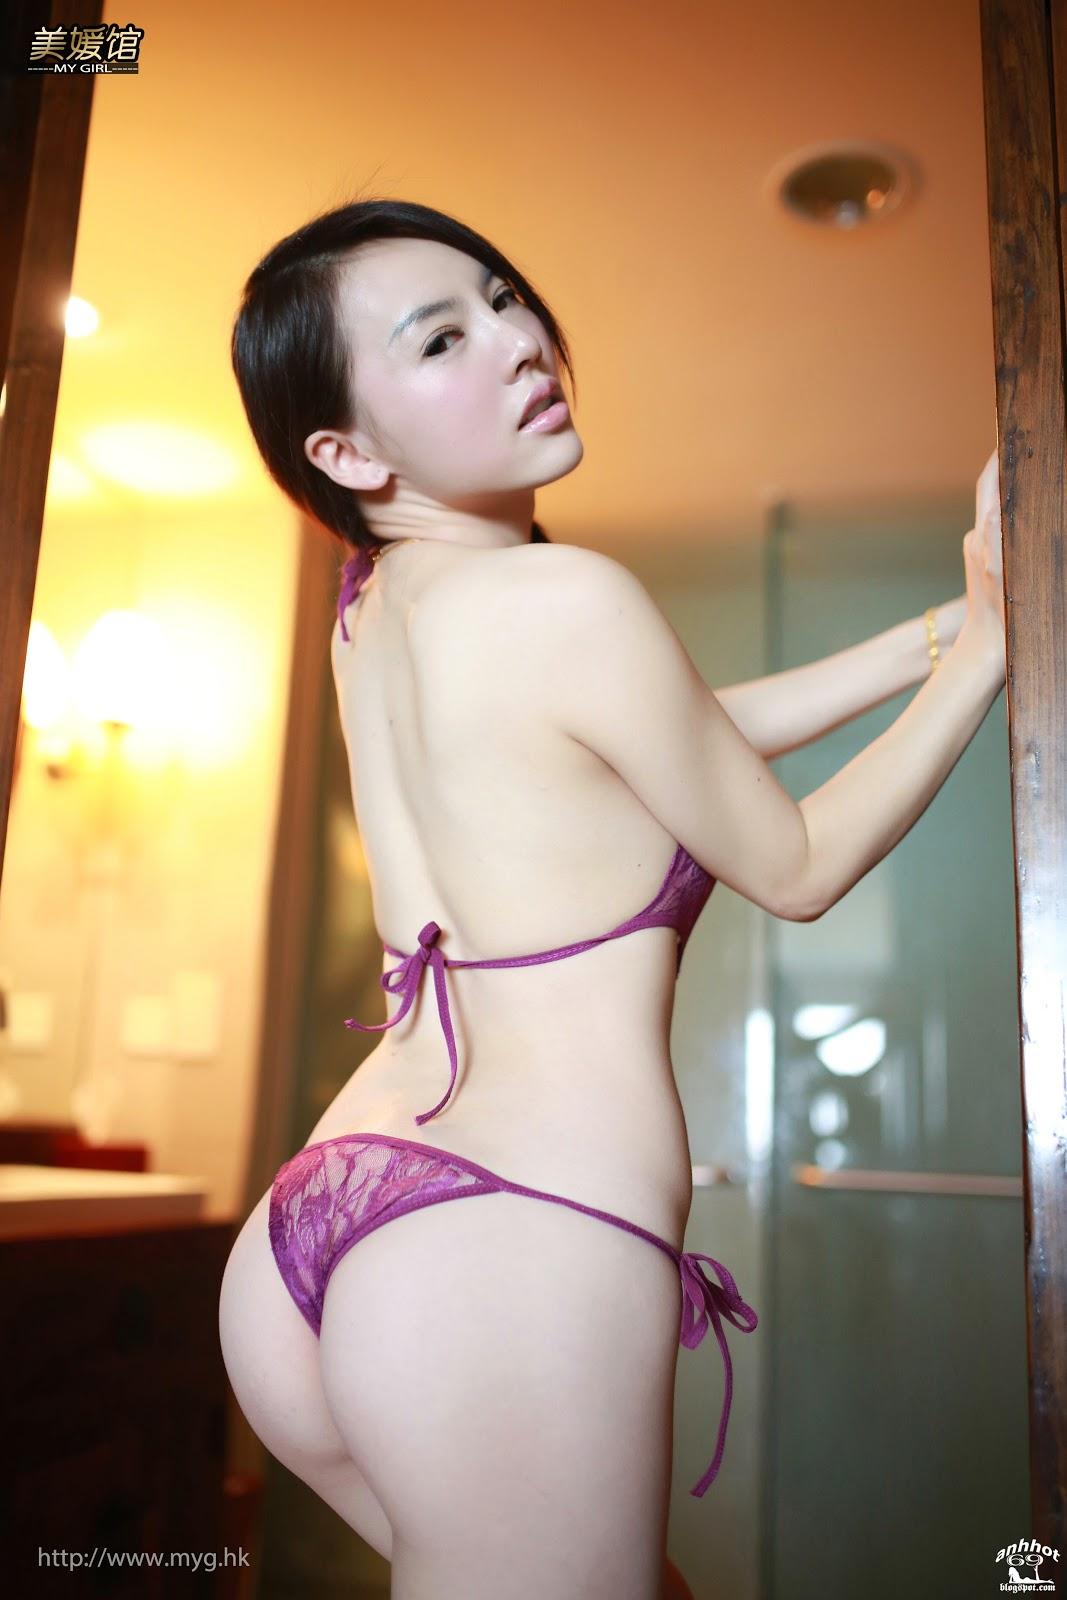 Mygirl-No.027_660A1495